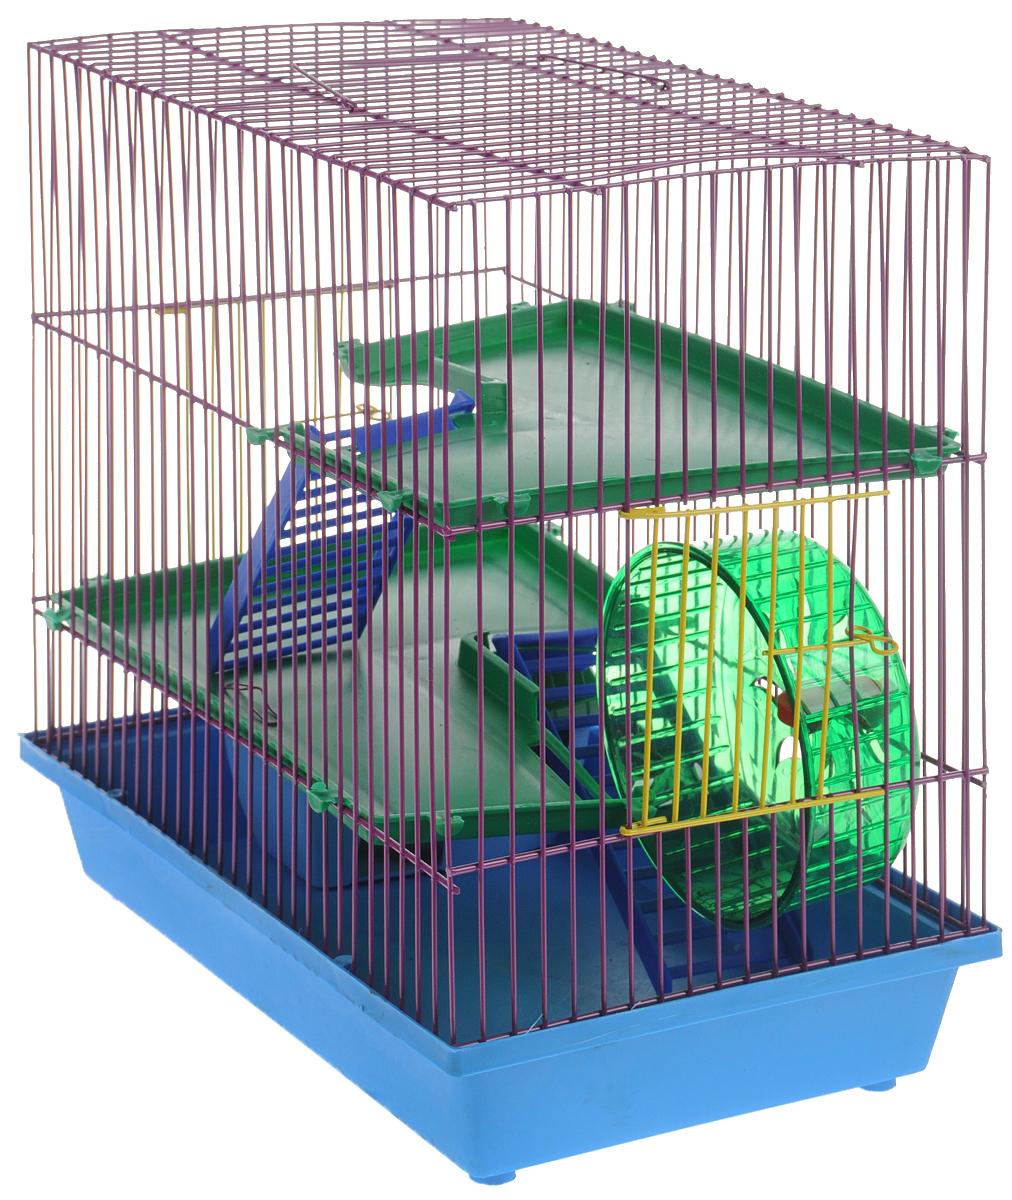 Клетка для грызунов ЗооМарк, 3-этажная, цвет: голубой поддон, фиолетовая решетка, зеленые этажи, 36 х 22,5 х 34 см. 135135СФКлетка ЗооМарк, выполненная из полипропилена и металла, подходит для мелких грызунов. Изделие трехэтажное, оборудовано колесом для подвижных игр и пластиковым домиком. Клетка имеет яркий поддон, удобна в использовании и легко чистится. Сверху имеется ручка для переноски. Такая клетка станет уединенным личным пространством и уютным домиком для маленького грызуна.